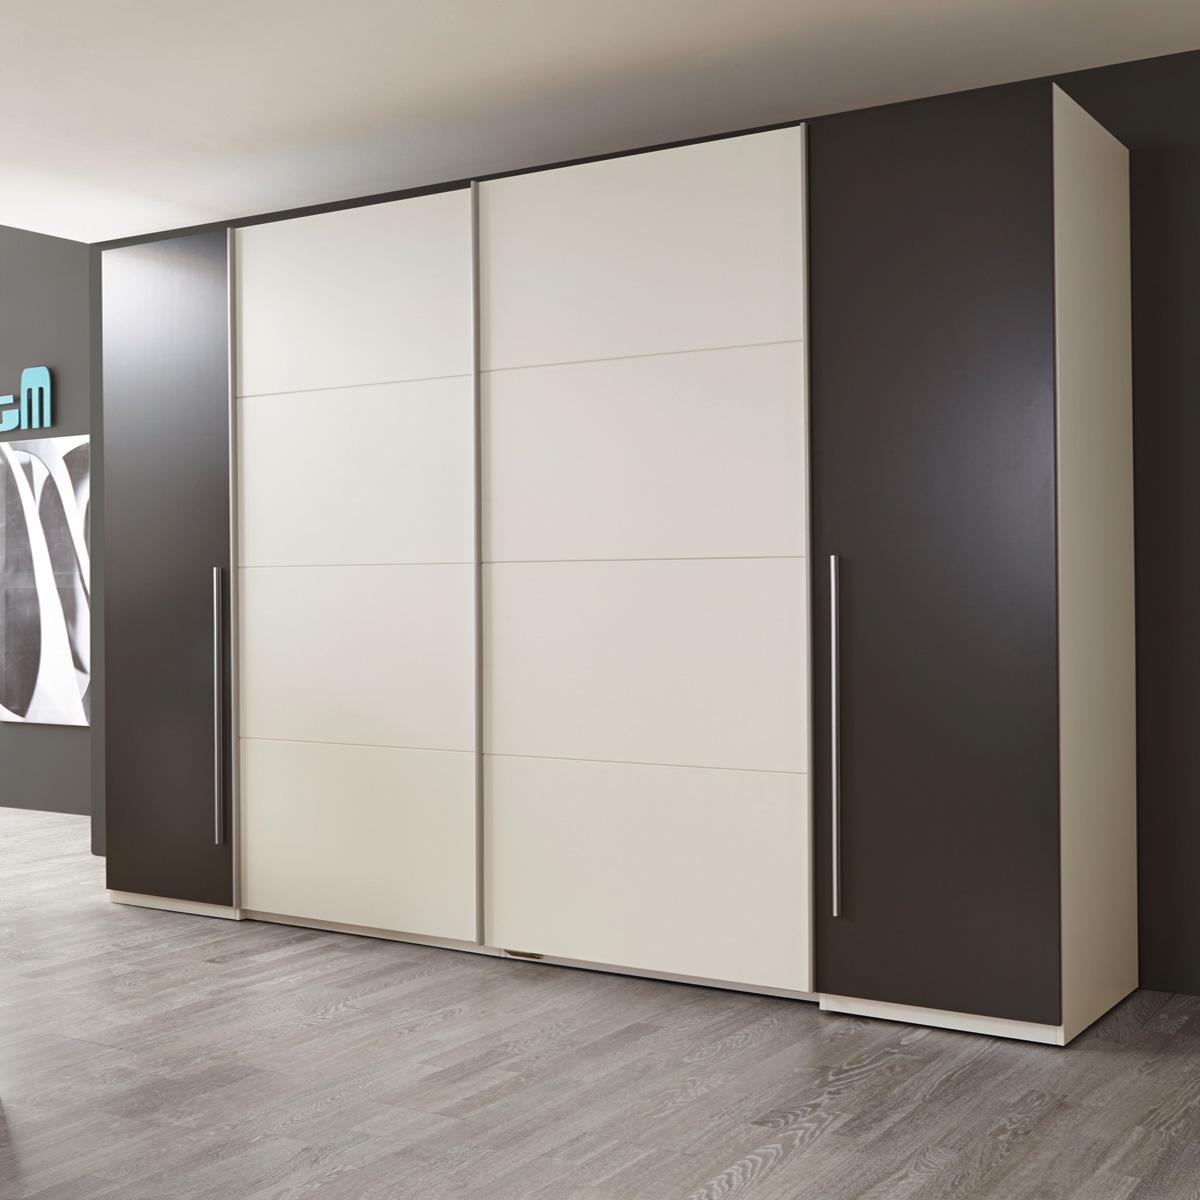 schwebet renschrank match 2 schrank kleiderschrank wei lava sonoma eiche ebay. Black Bedroom Furniture Sets. Home Design Ideas